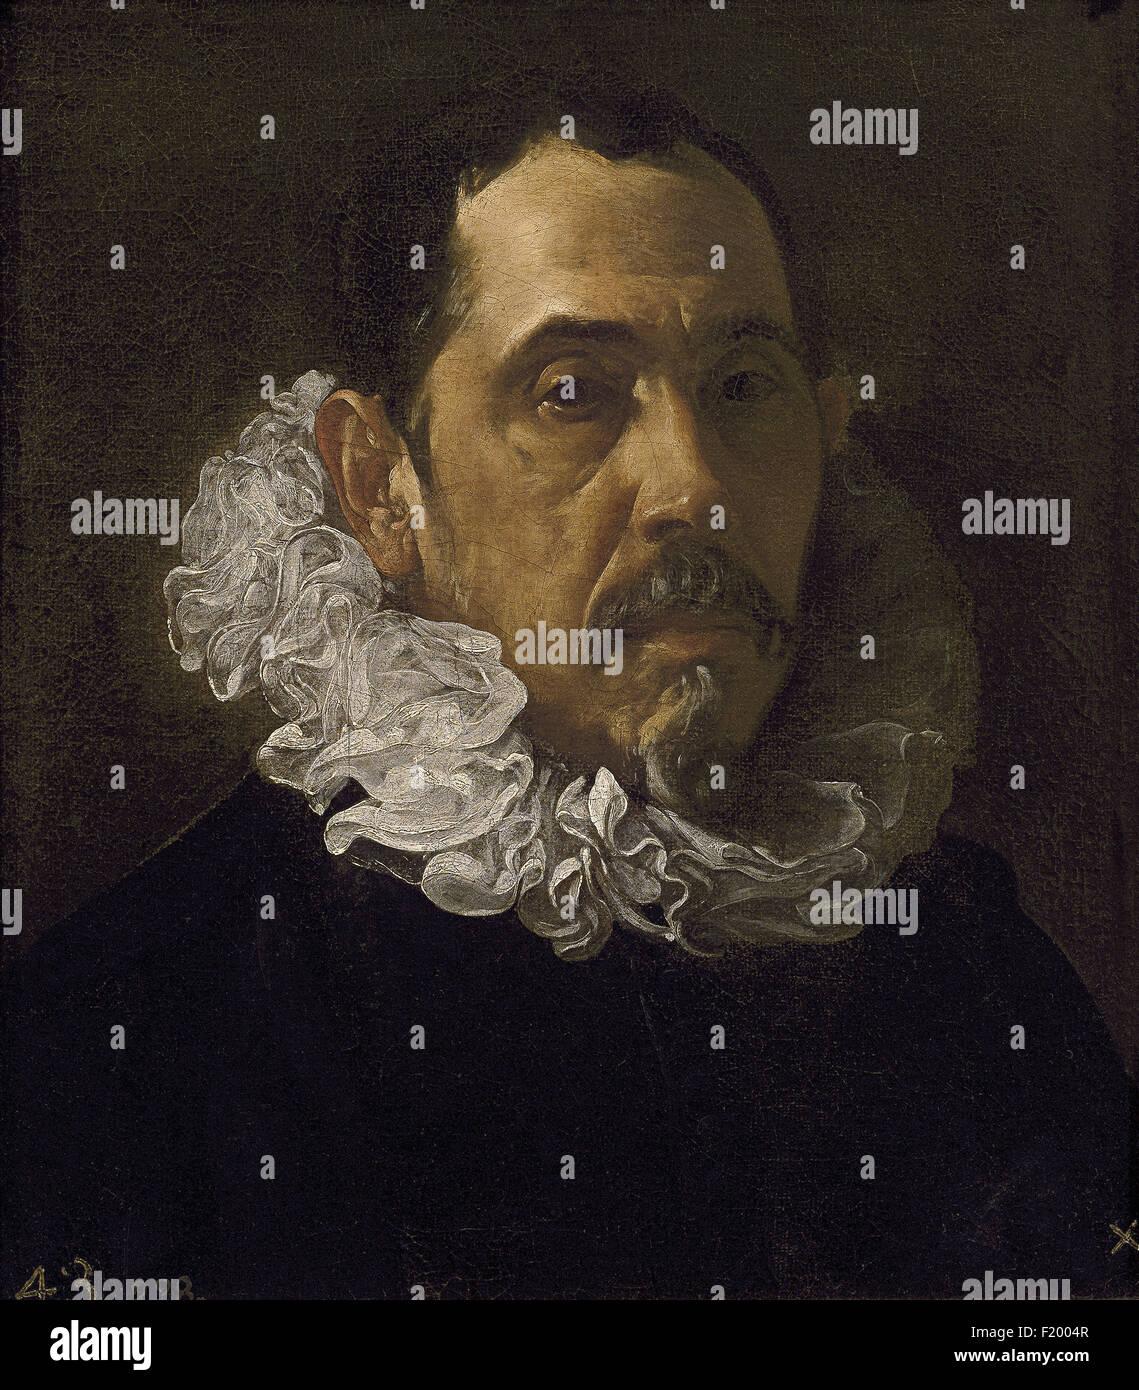 Diego Velázquez - Francisco Pacheco - Stock Image